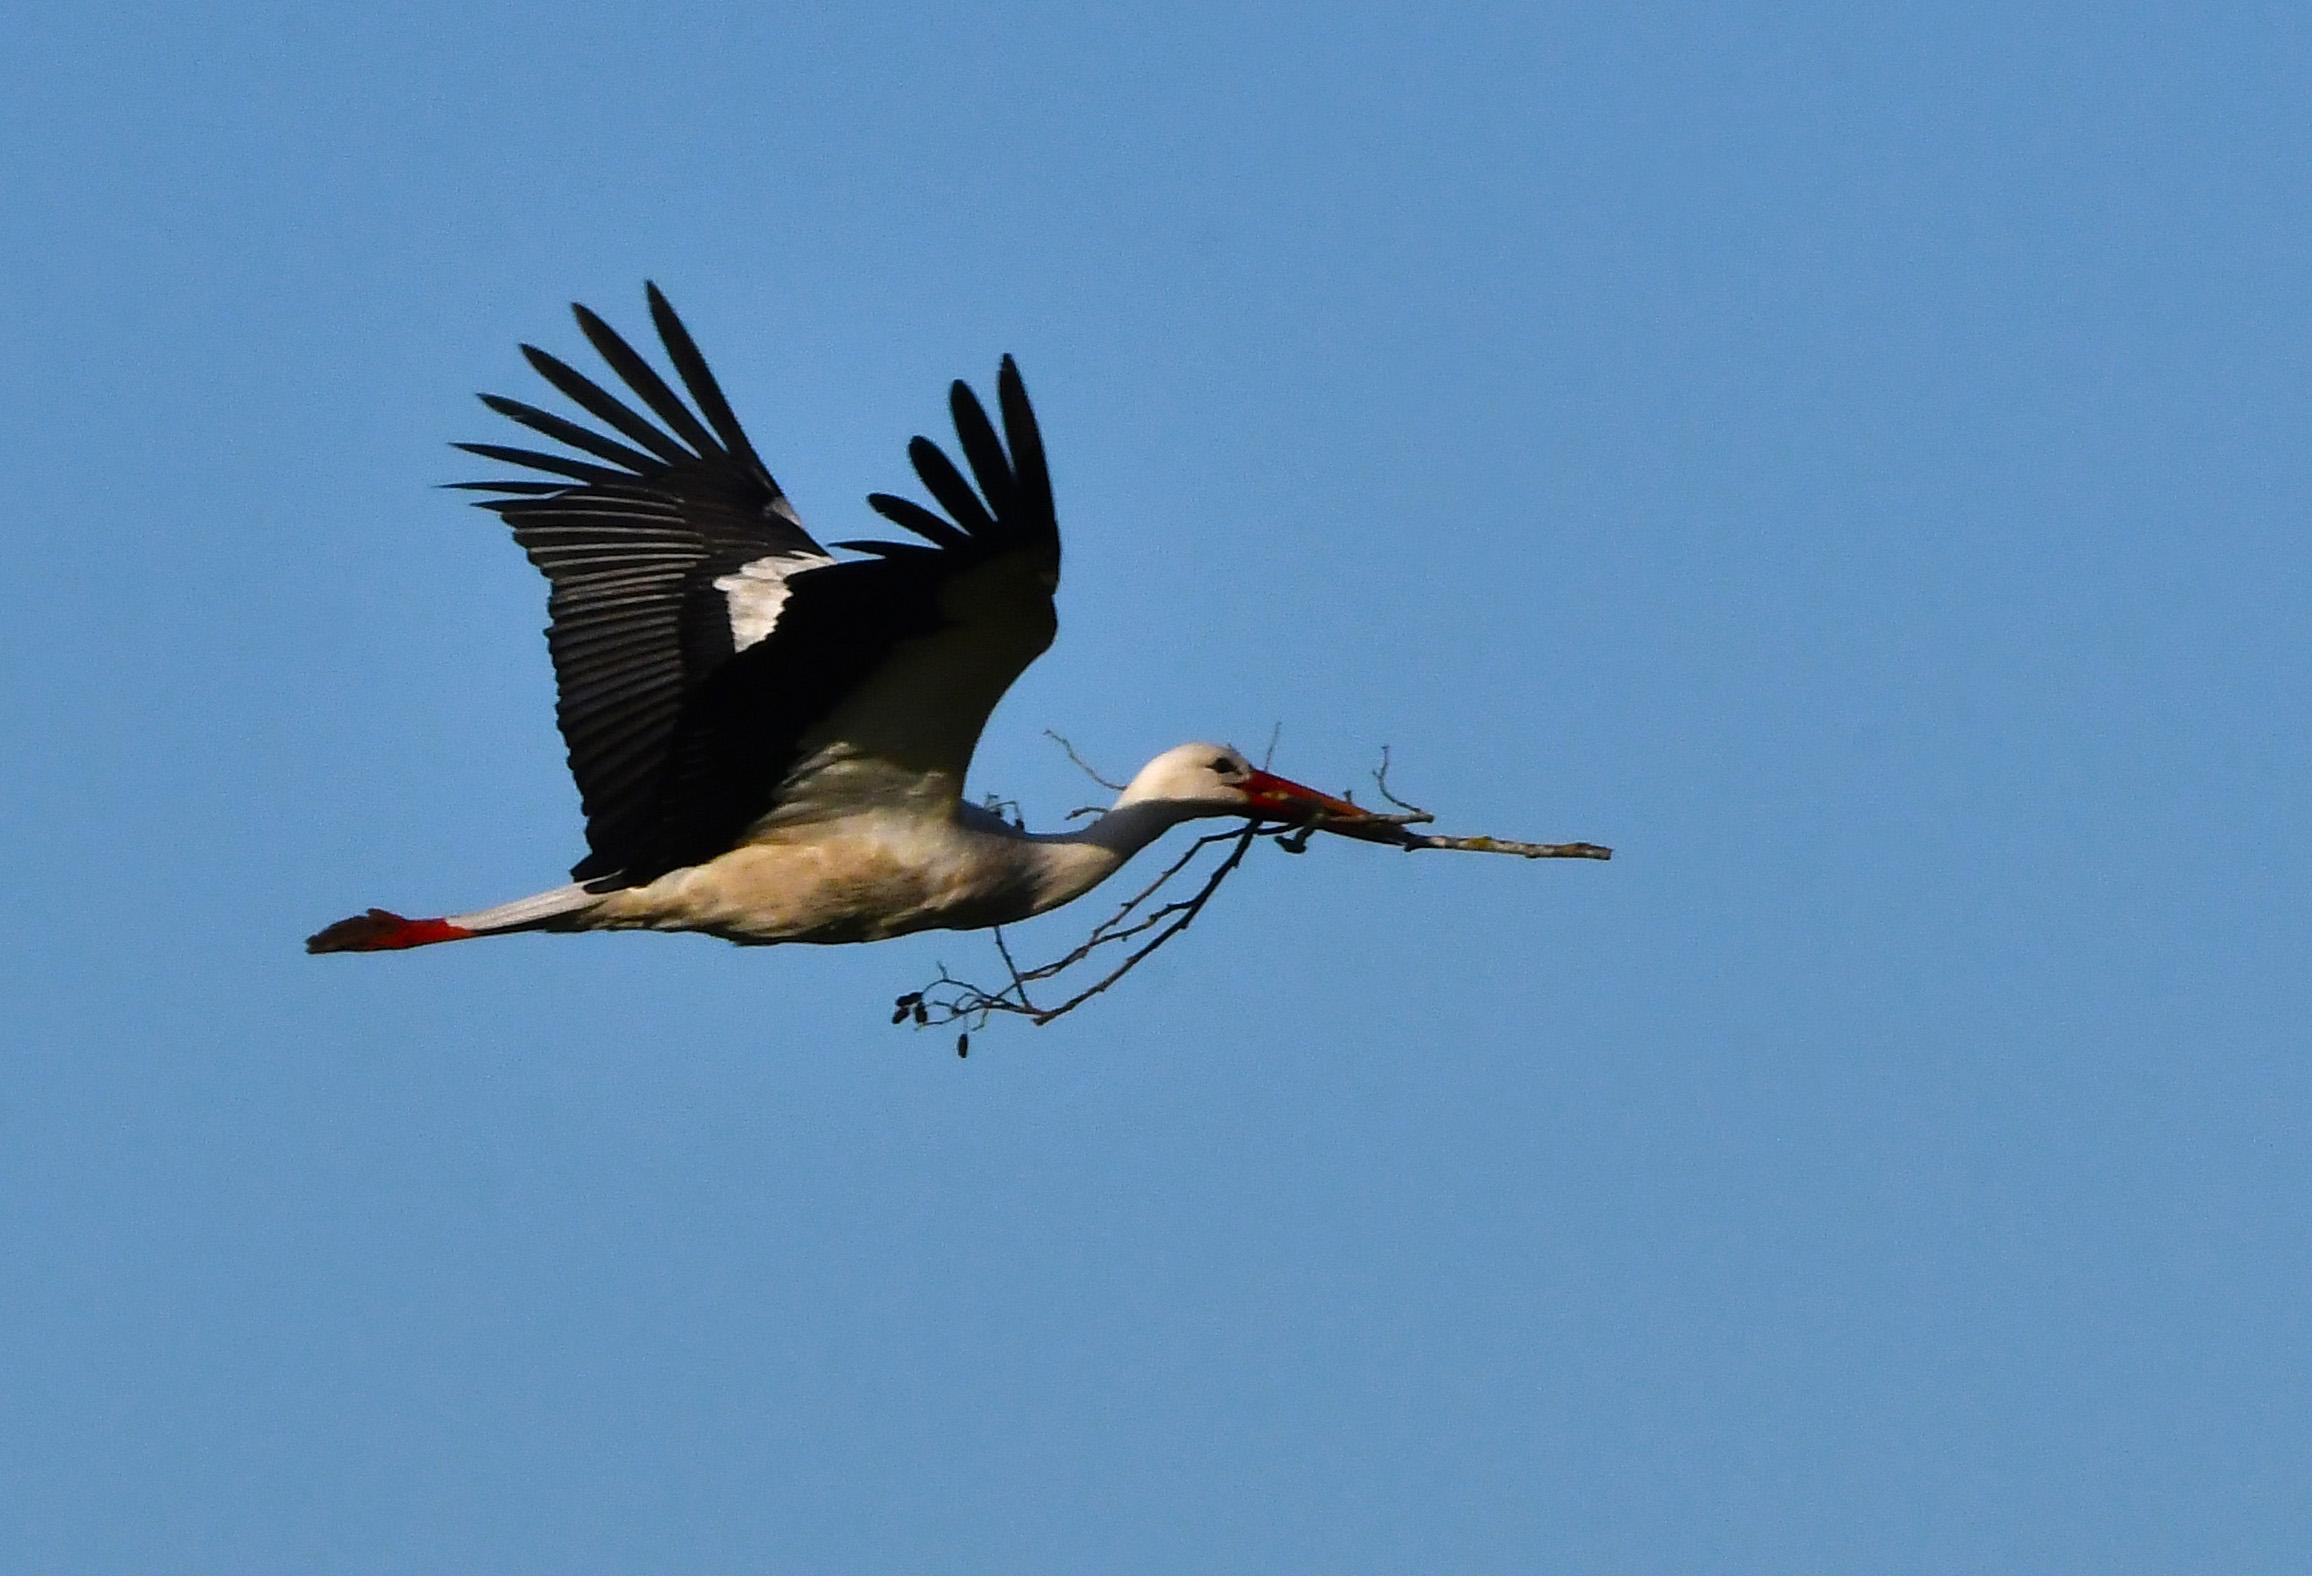 De ooievaar komt overvliegen met een snavel vol takken - Foto: ©Louis Fraanje